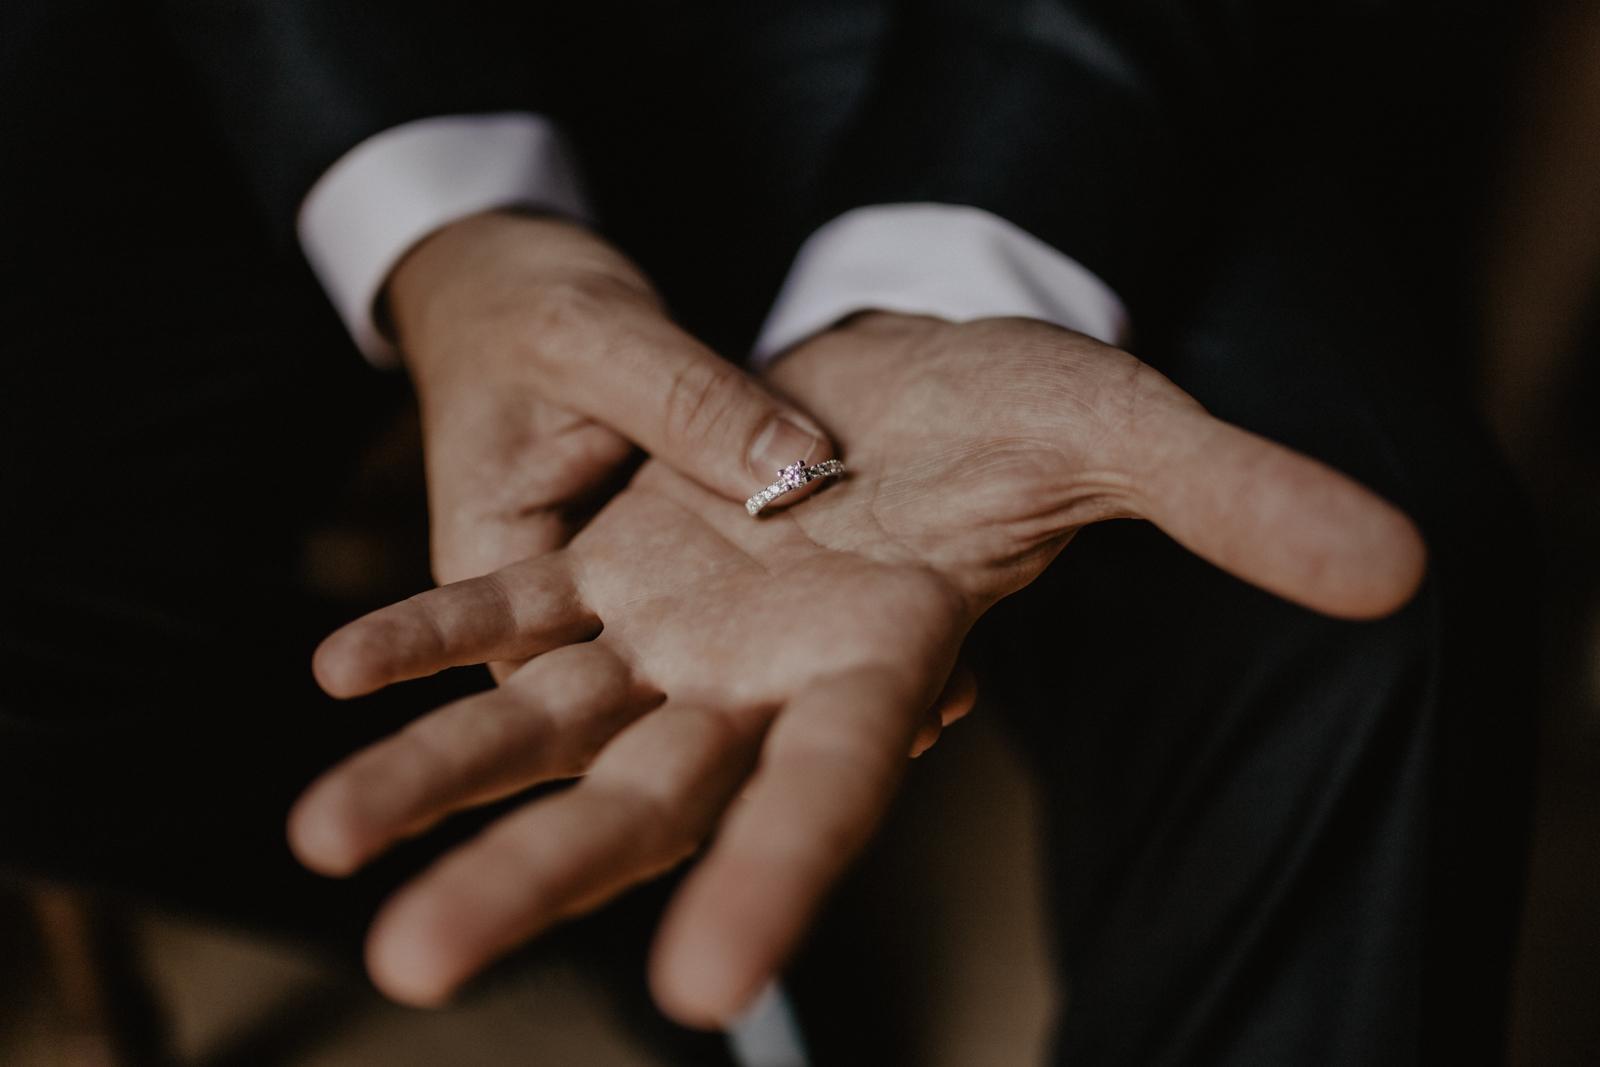 thenortherngirlphotography_photography_thenortherngirl_rebeccascabros_wedding_weddingphotography_weddingphotographer_barcelona_bodaenlabaronia_labaronia_japanesewedding_destinationwedding_shokoalbert-226.jpg